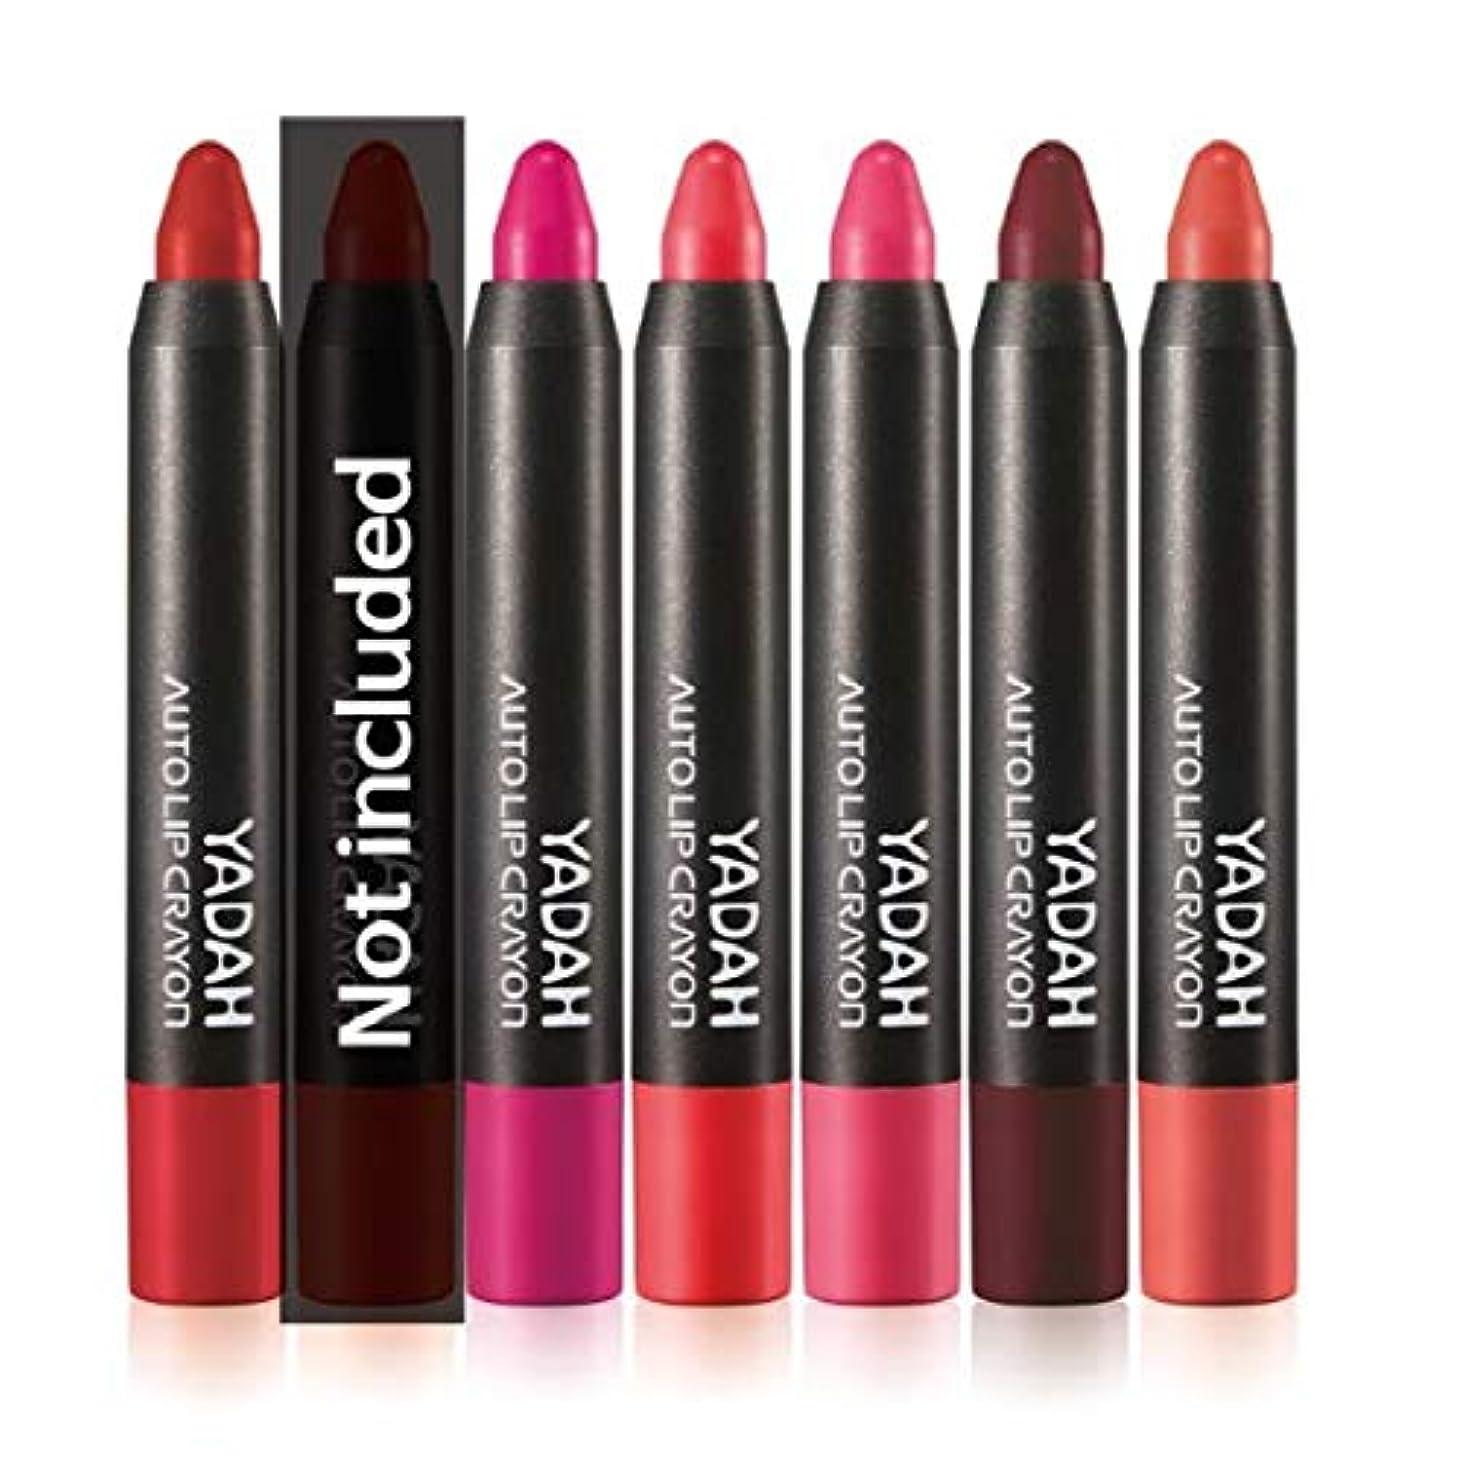 シリーズデジタルエンドテーブルYADAH Auto Lip Crayon #01 Dazzling Red 2.5g オートリップクレヨン - 2.5g[並行輸入品]